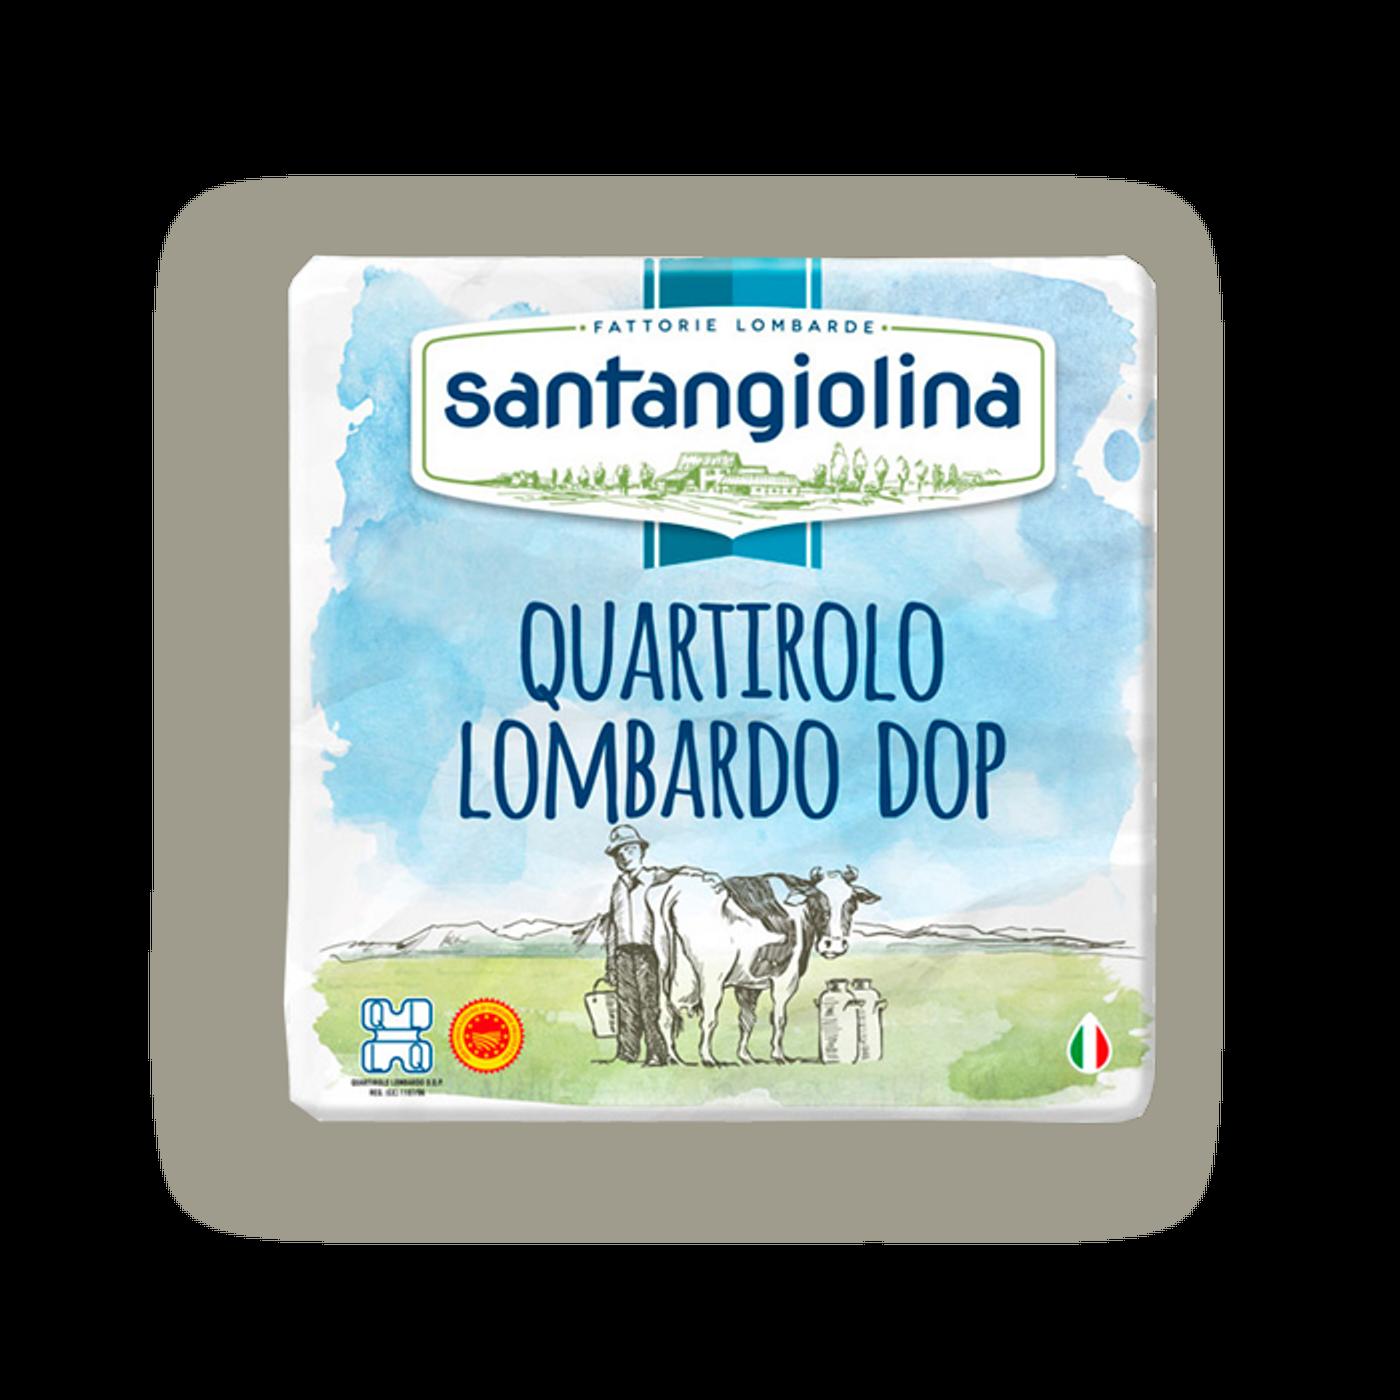 Quartirolo Lombardo Dop